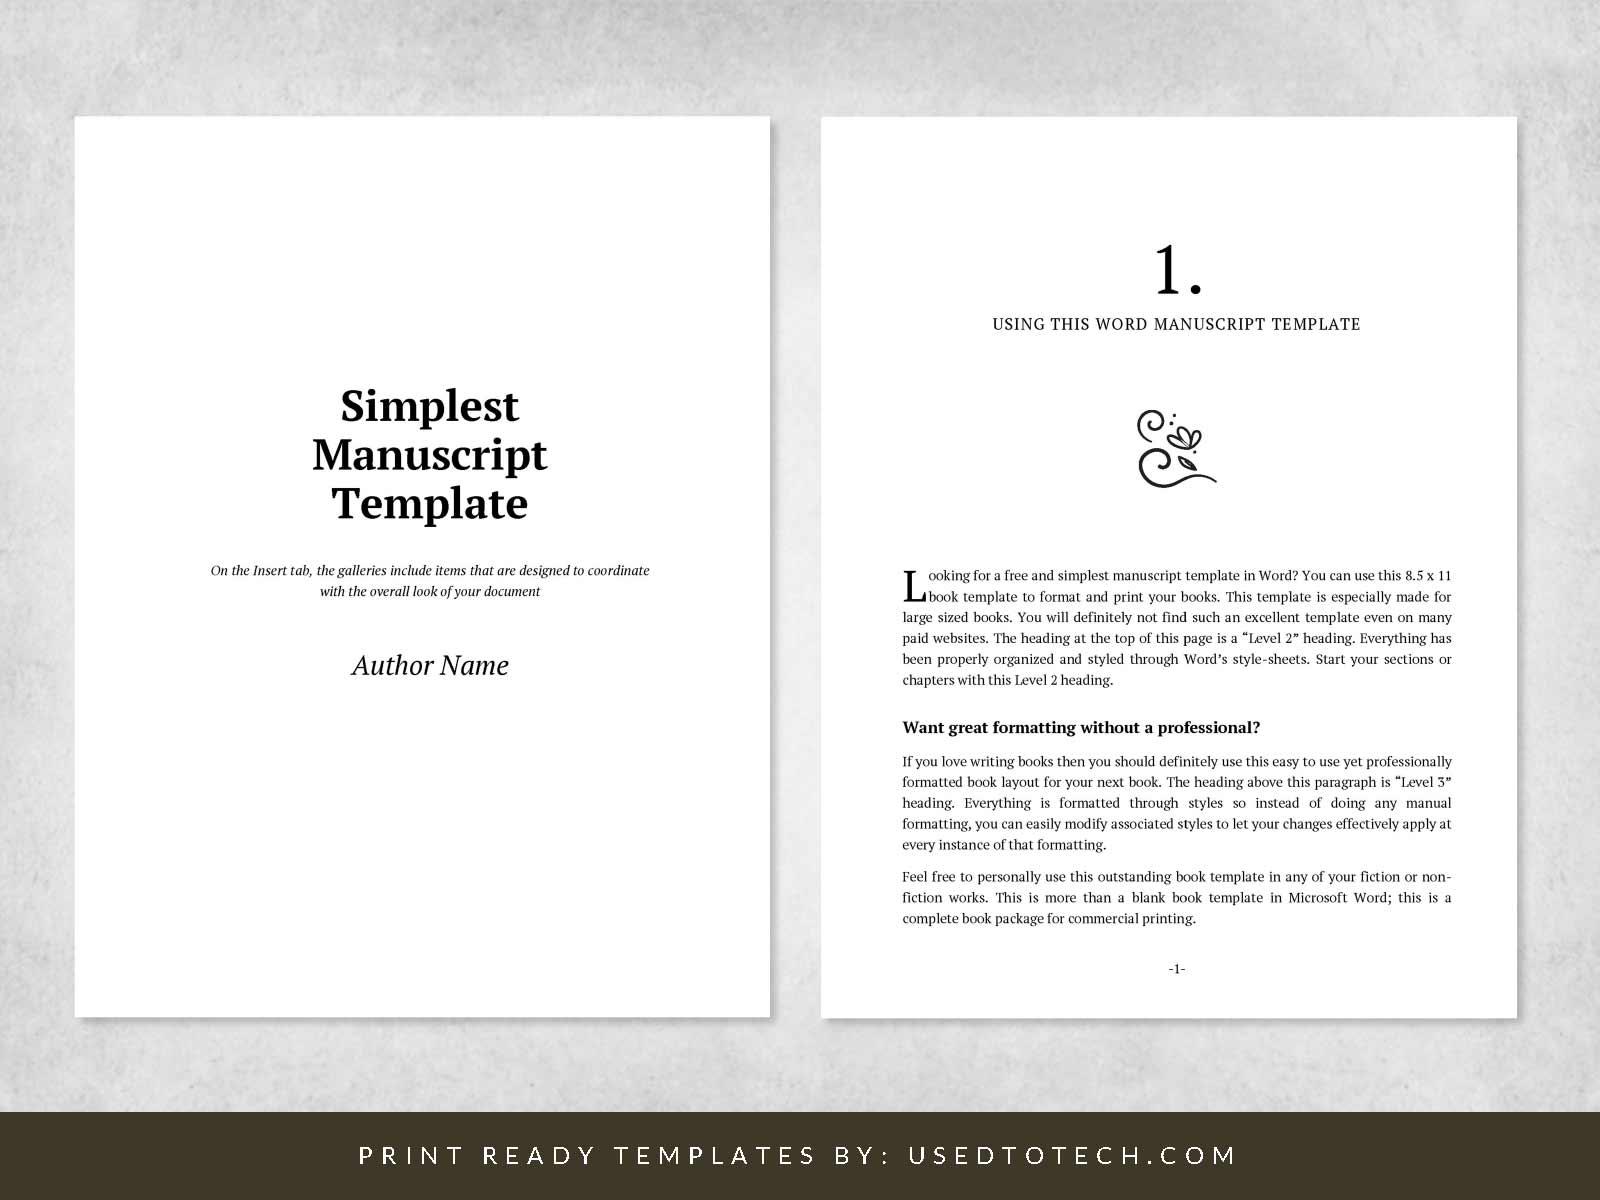 Book manuscript template in 8.5 x 11 paper size